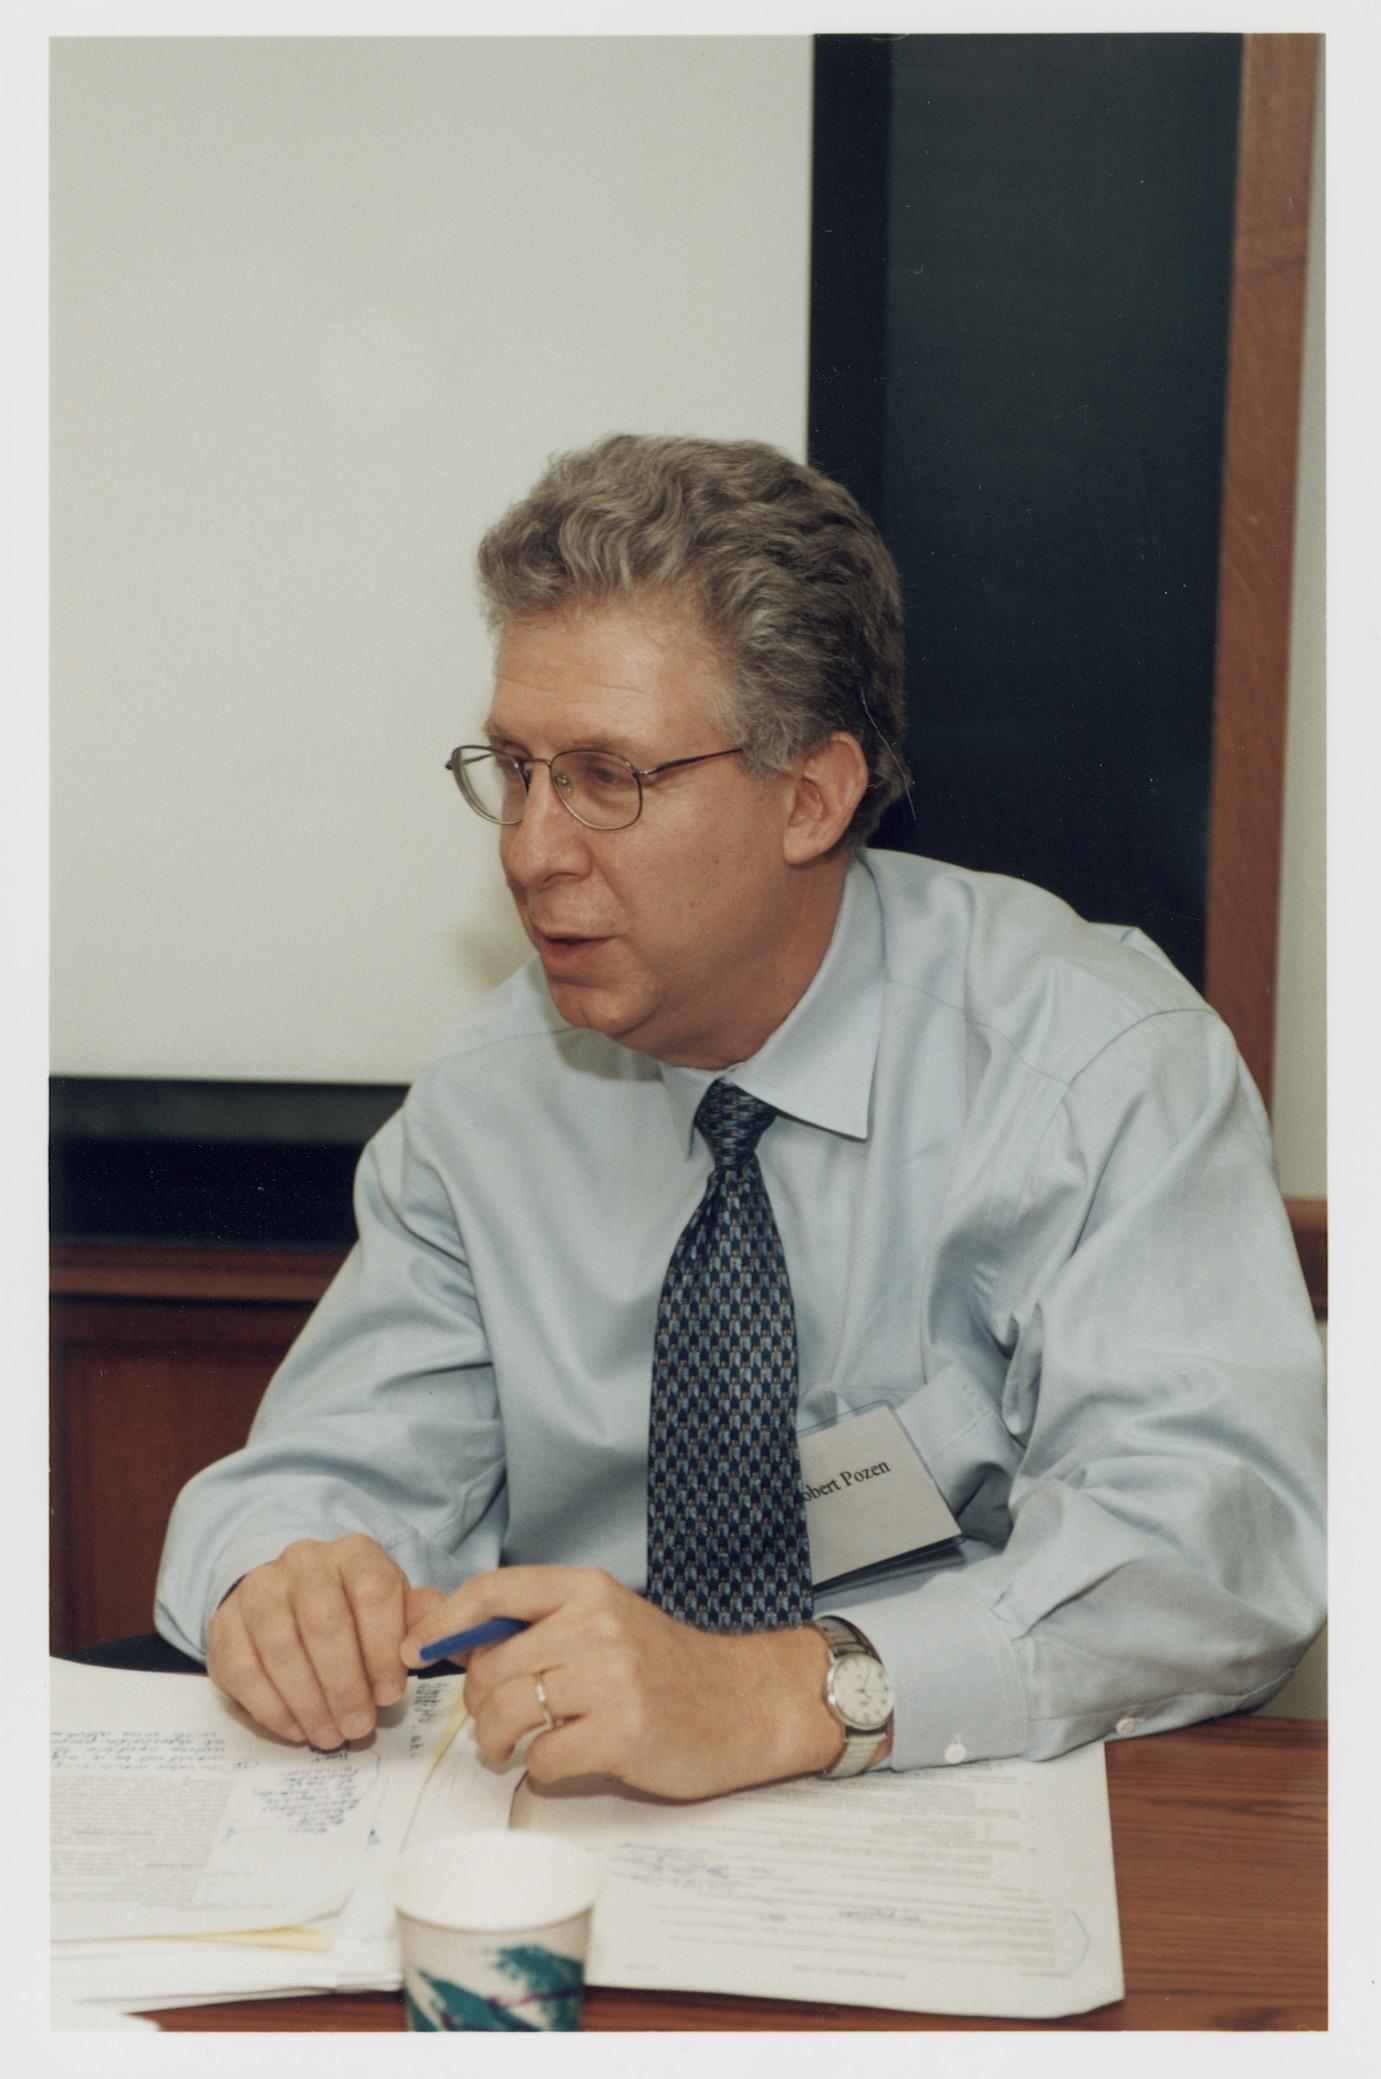 Robert Pozen '72